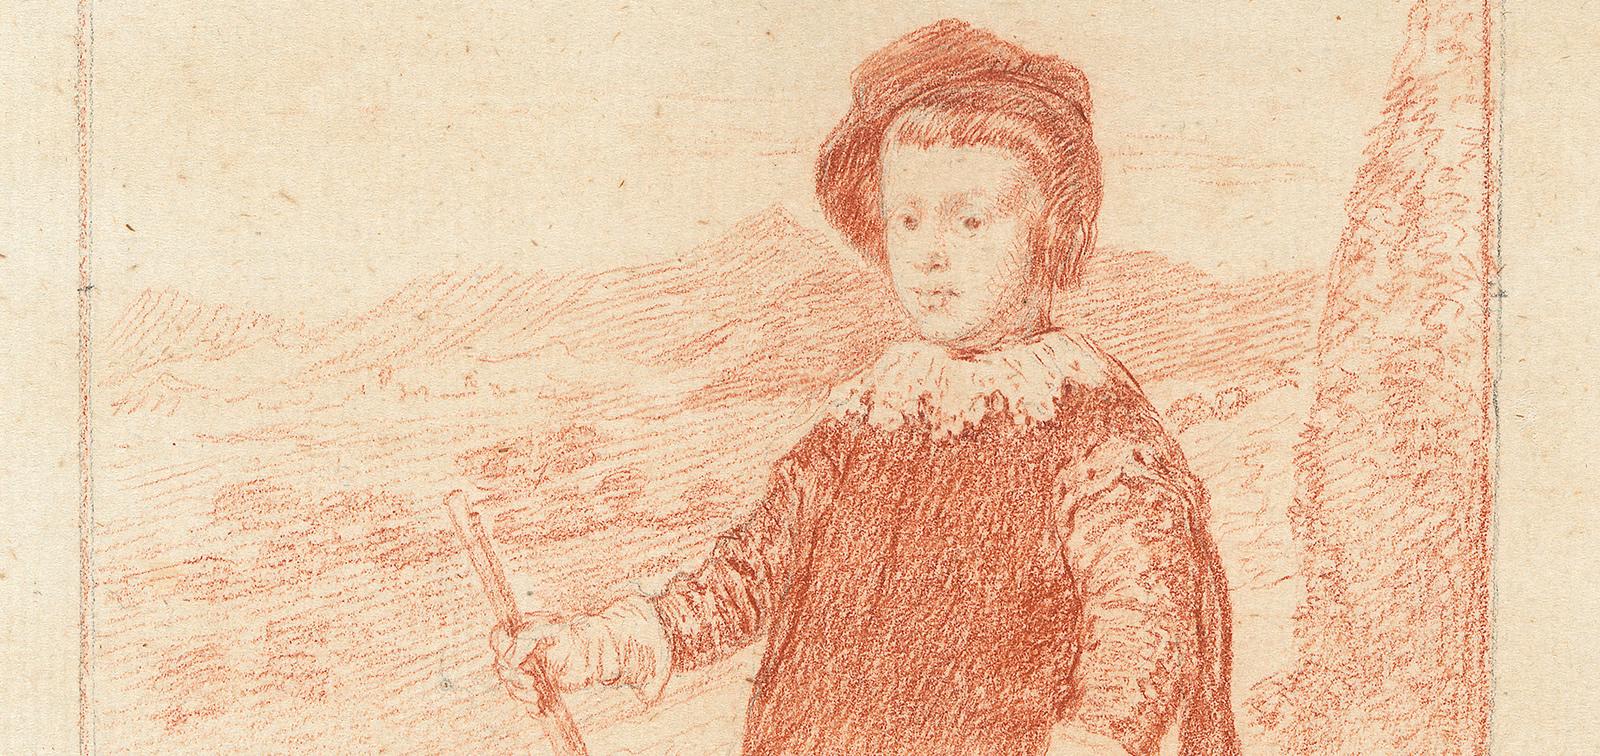 Dibujos españoles en la Hamburger Kunsthalle: Cano, Murillo y Goya